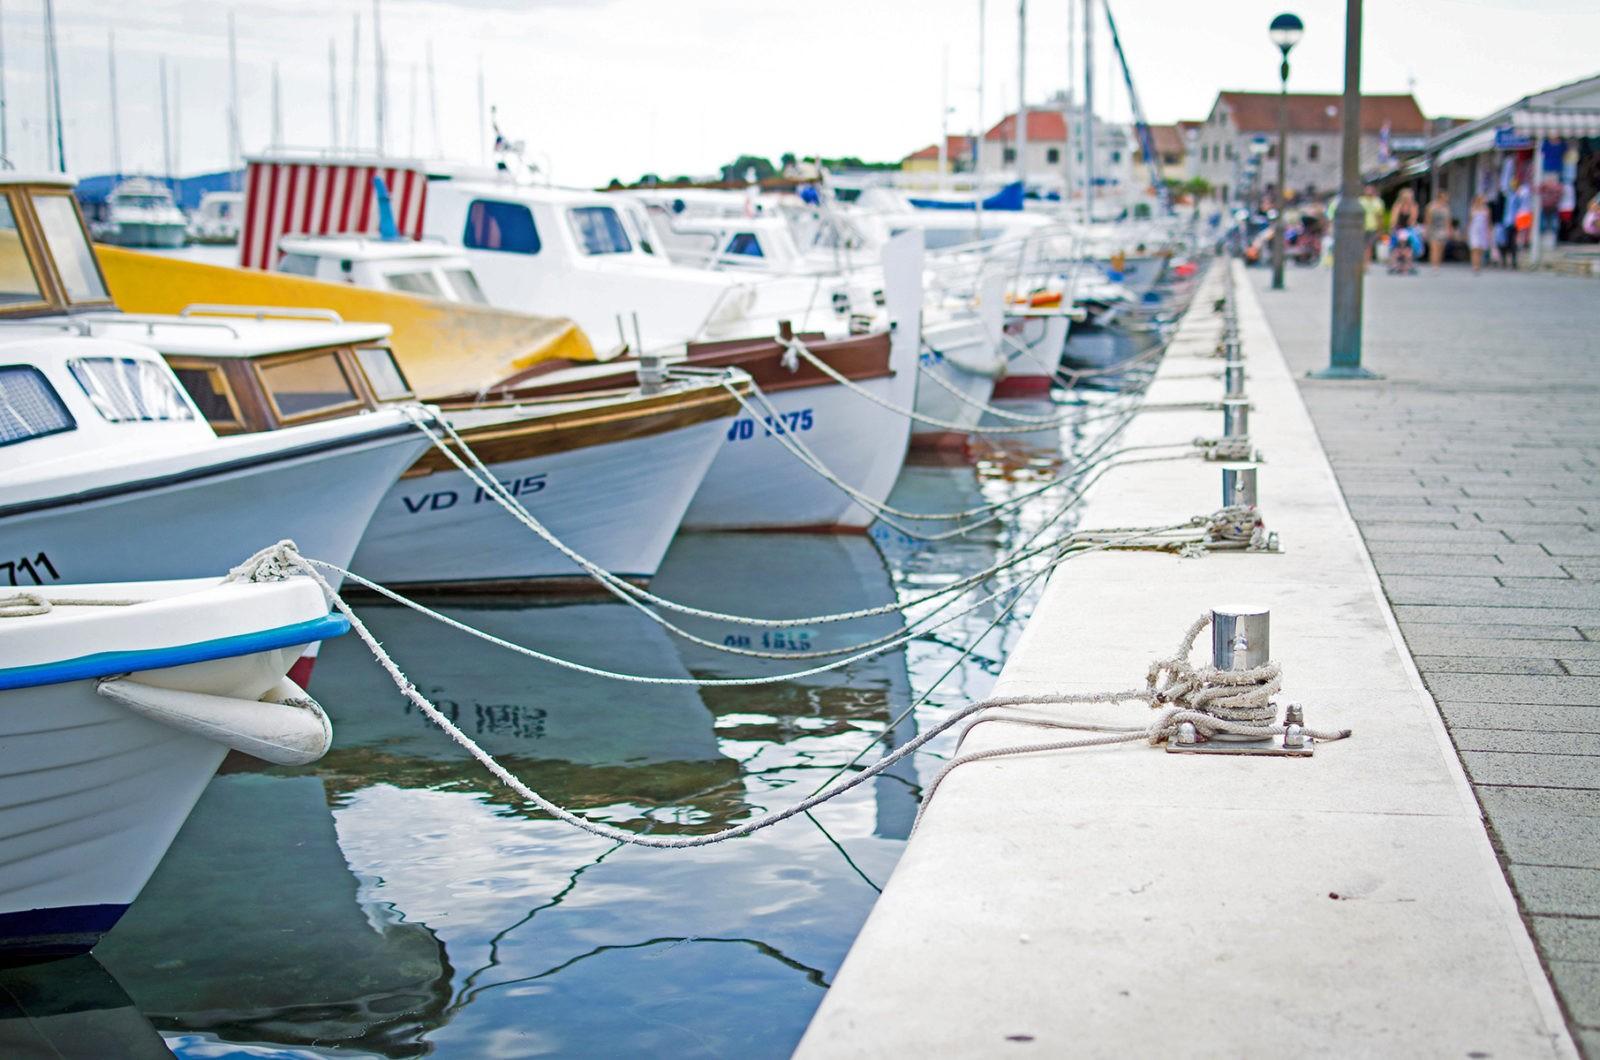 Køb af båd: Ti ting du skal spørge sælger om